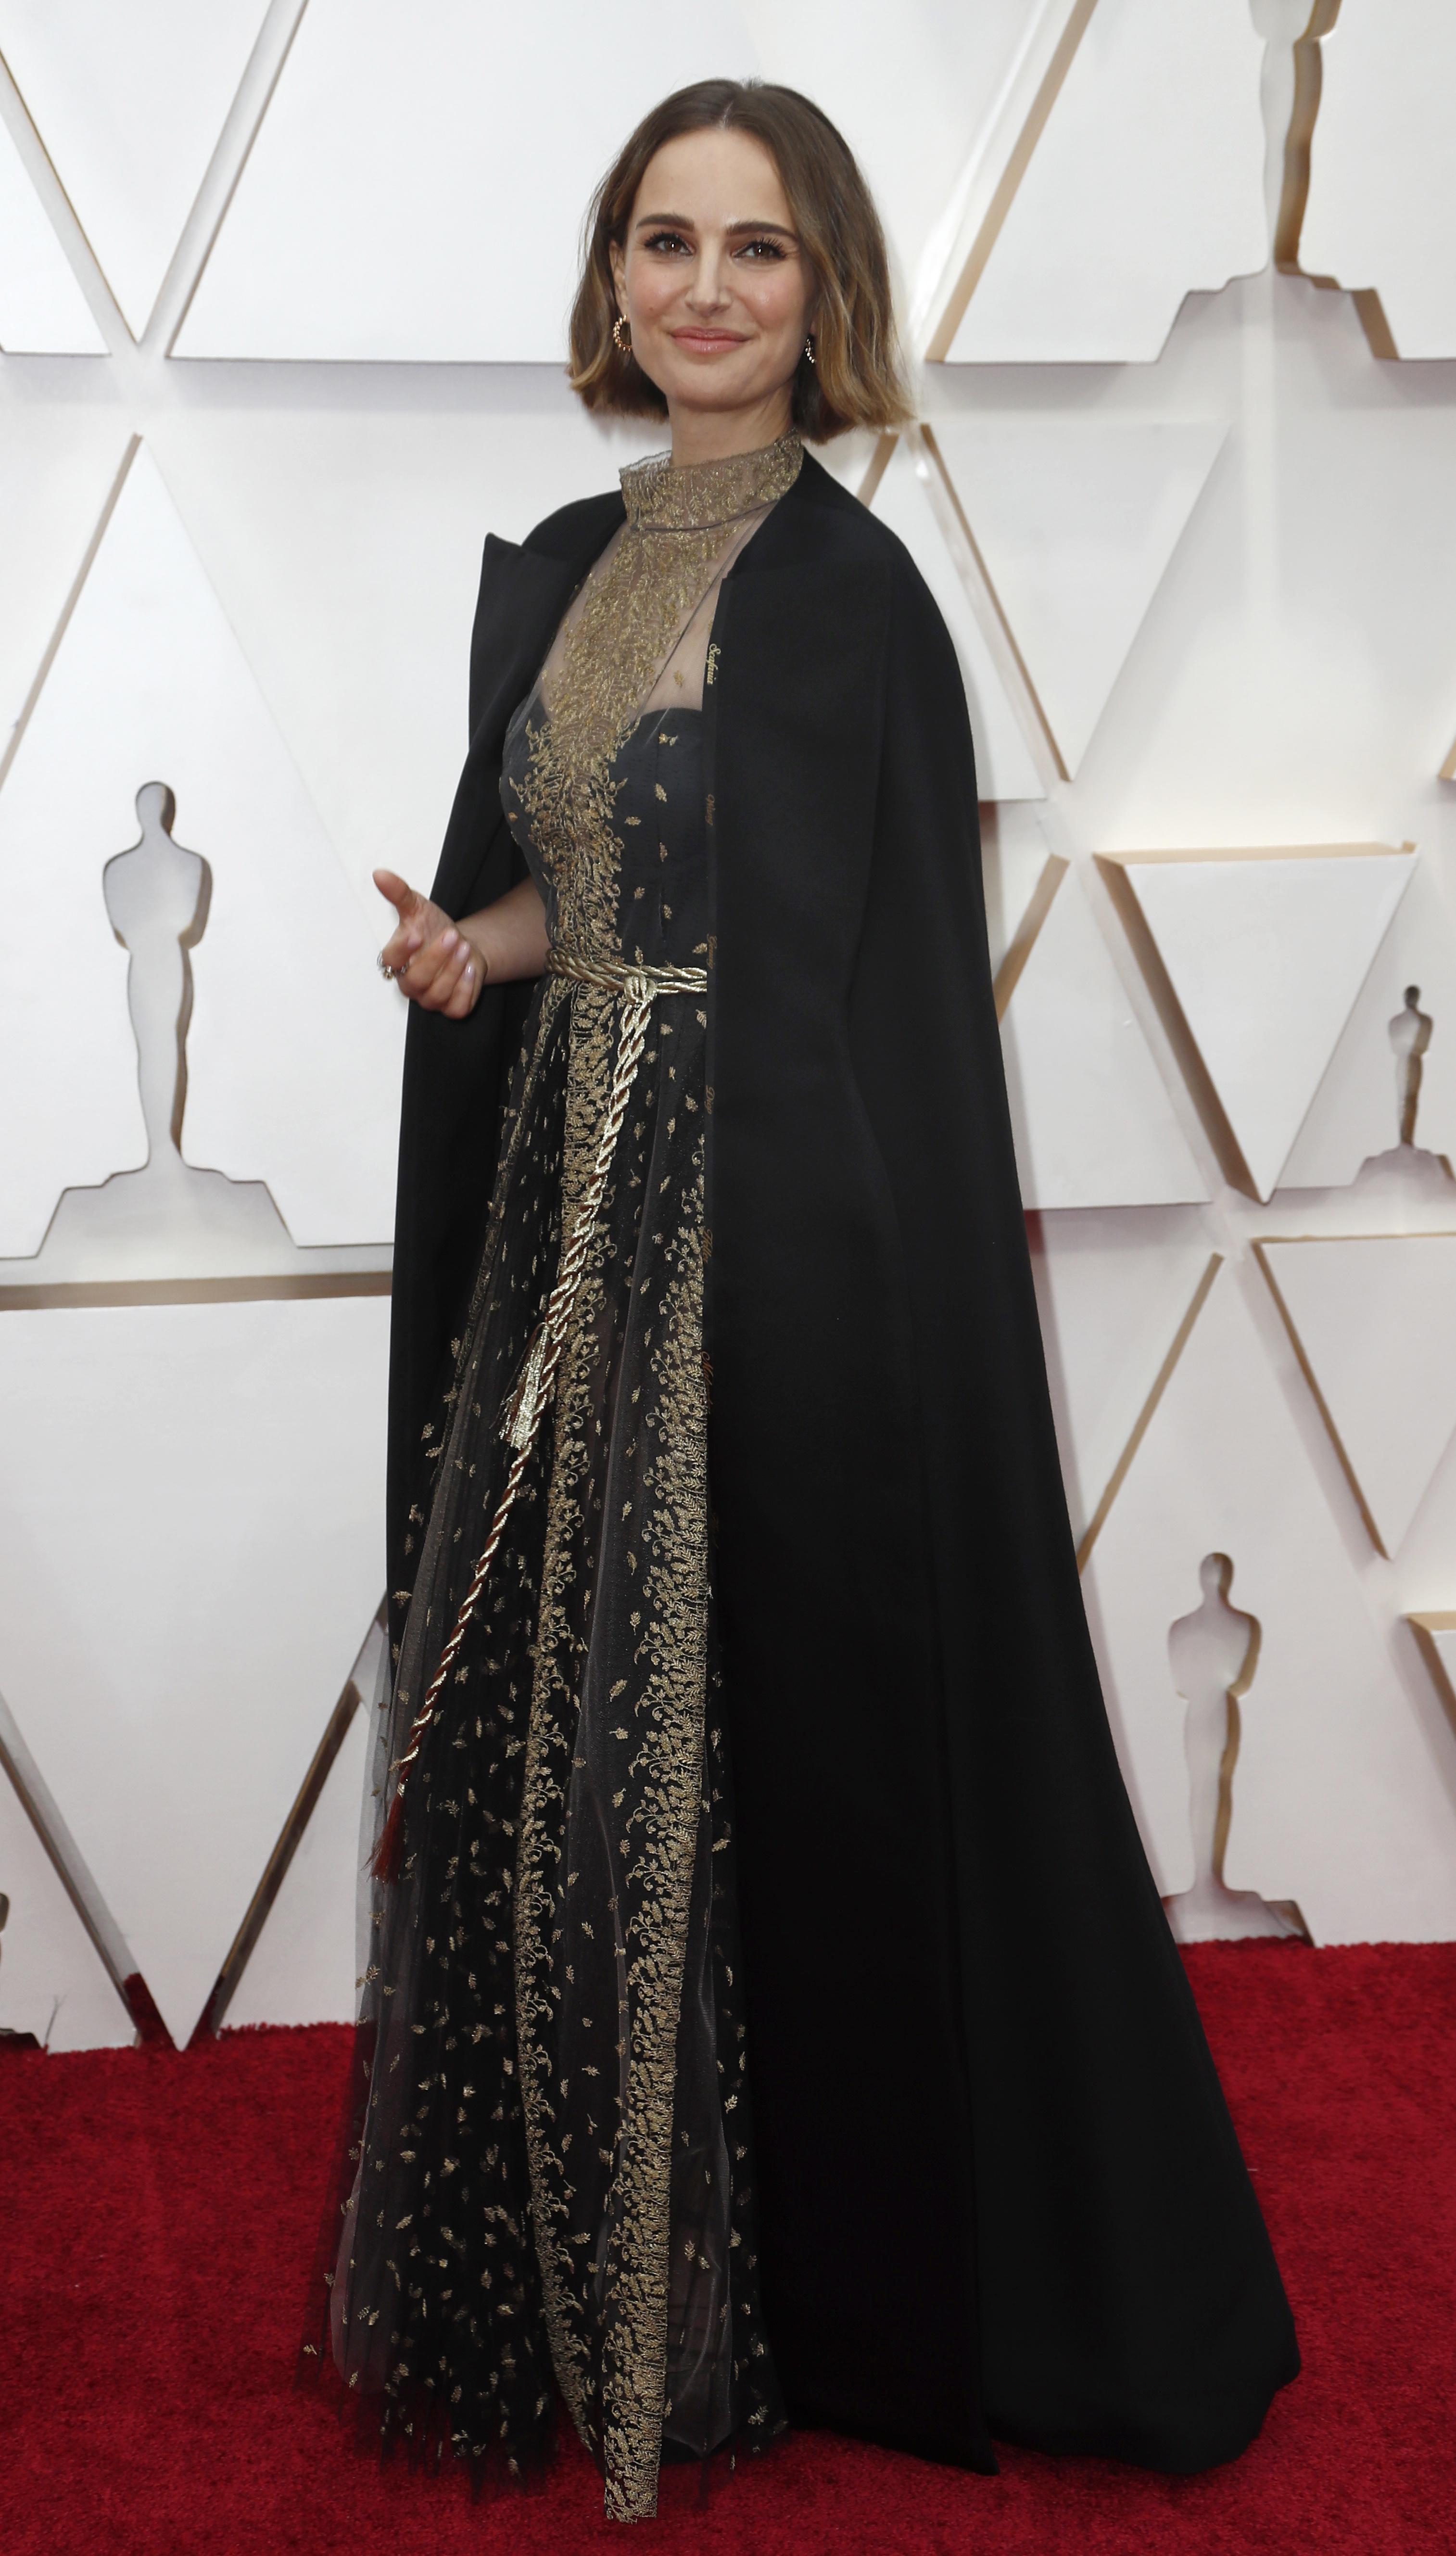 Natalie Portman apostó a un vestido negro bordado de cuello cerrado con una gran capa negra que tenia detalles de grabado con los nombres de las directoras mujeres que no estuvieron nominadas en los premios. Completó su look con pequeñas argollas joya y anillos